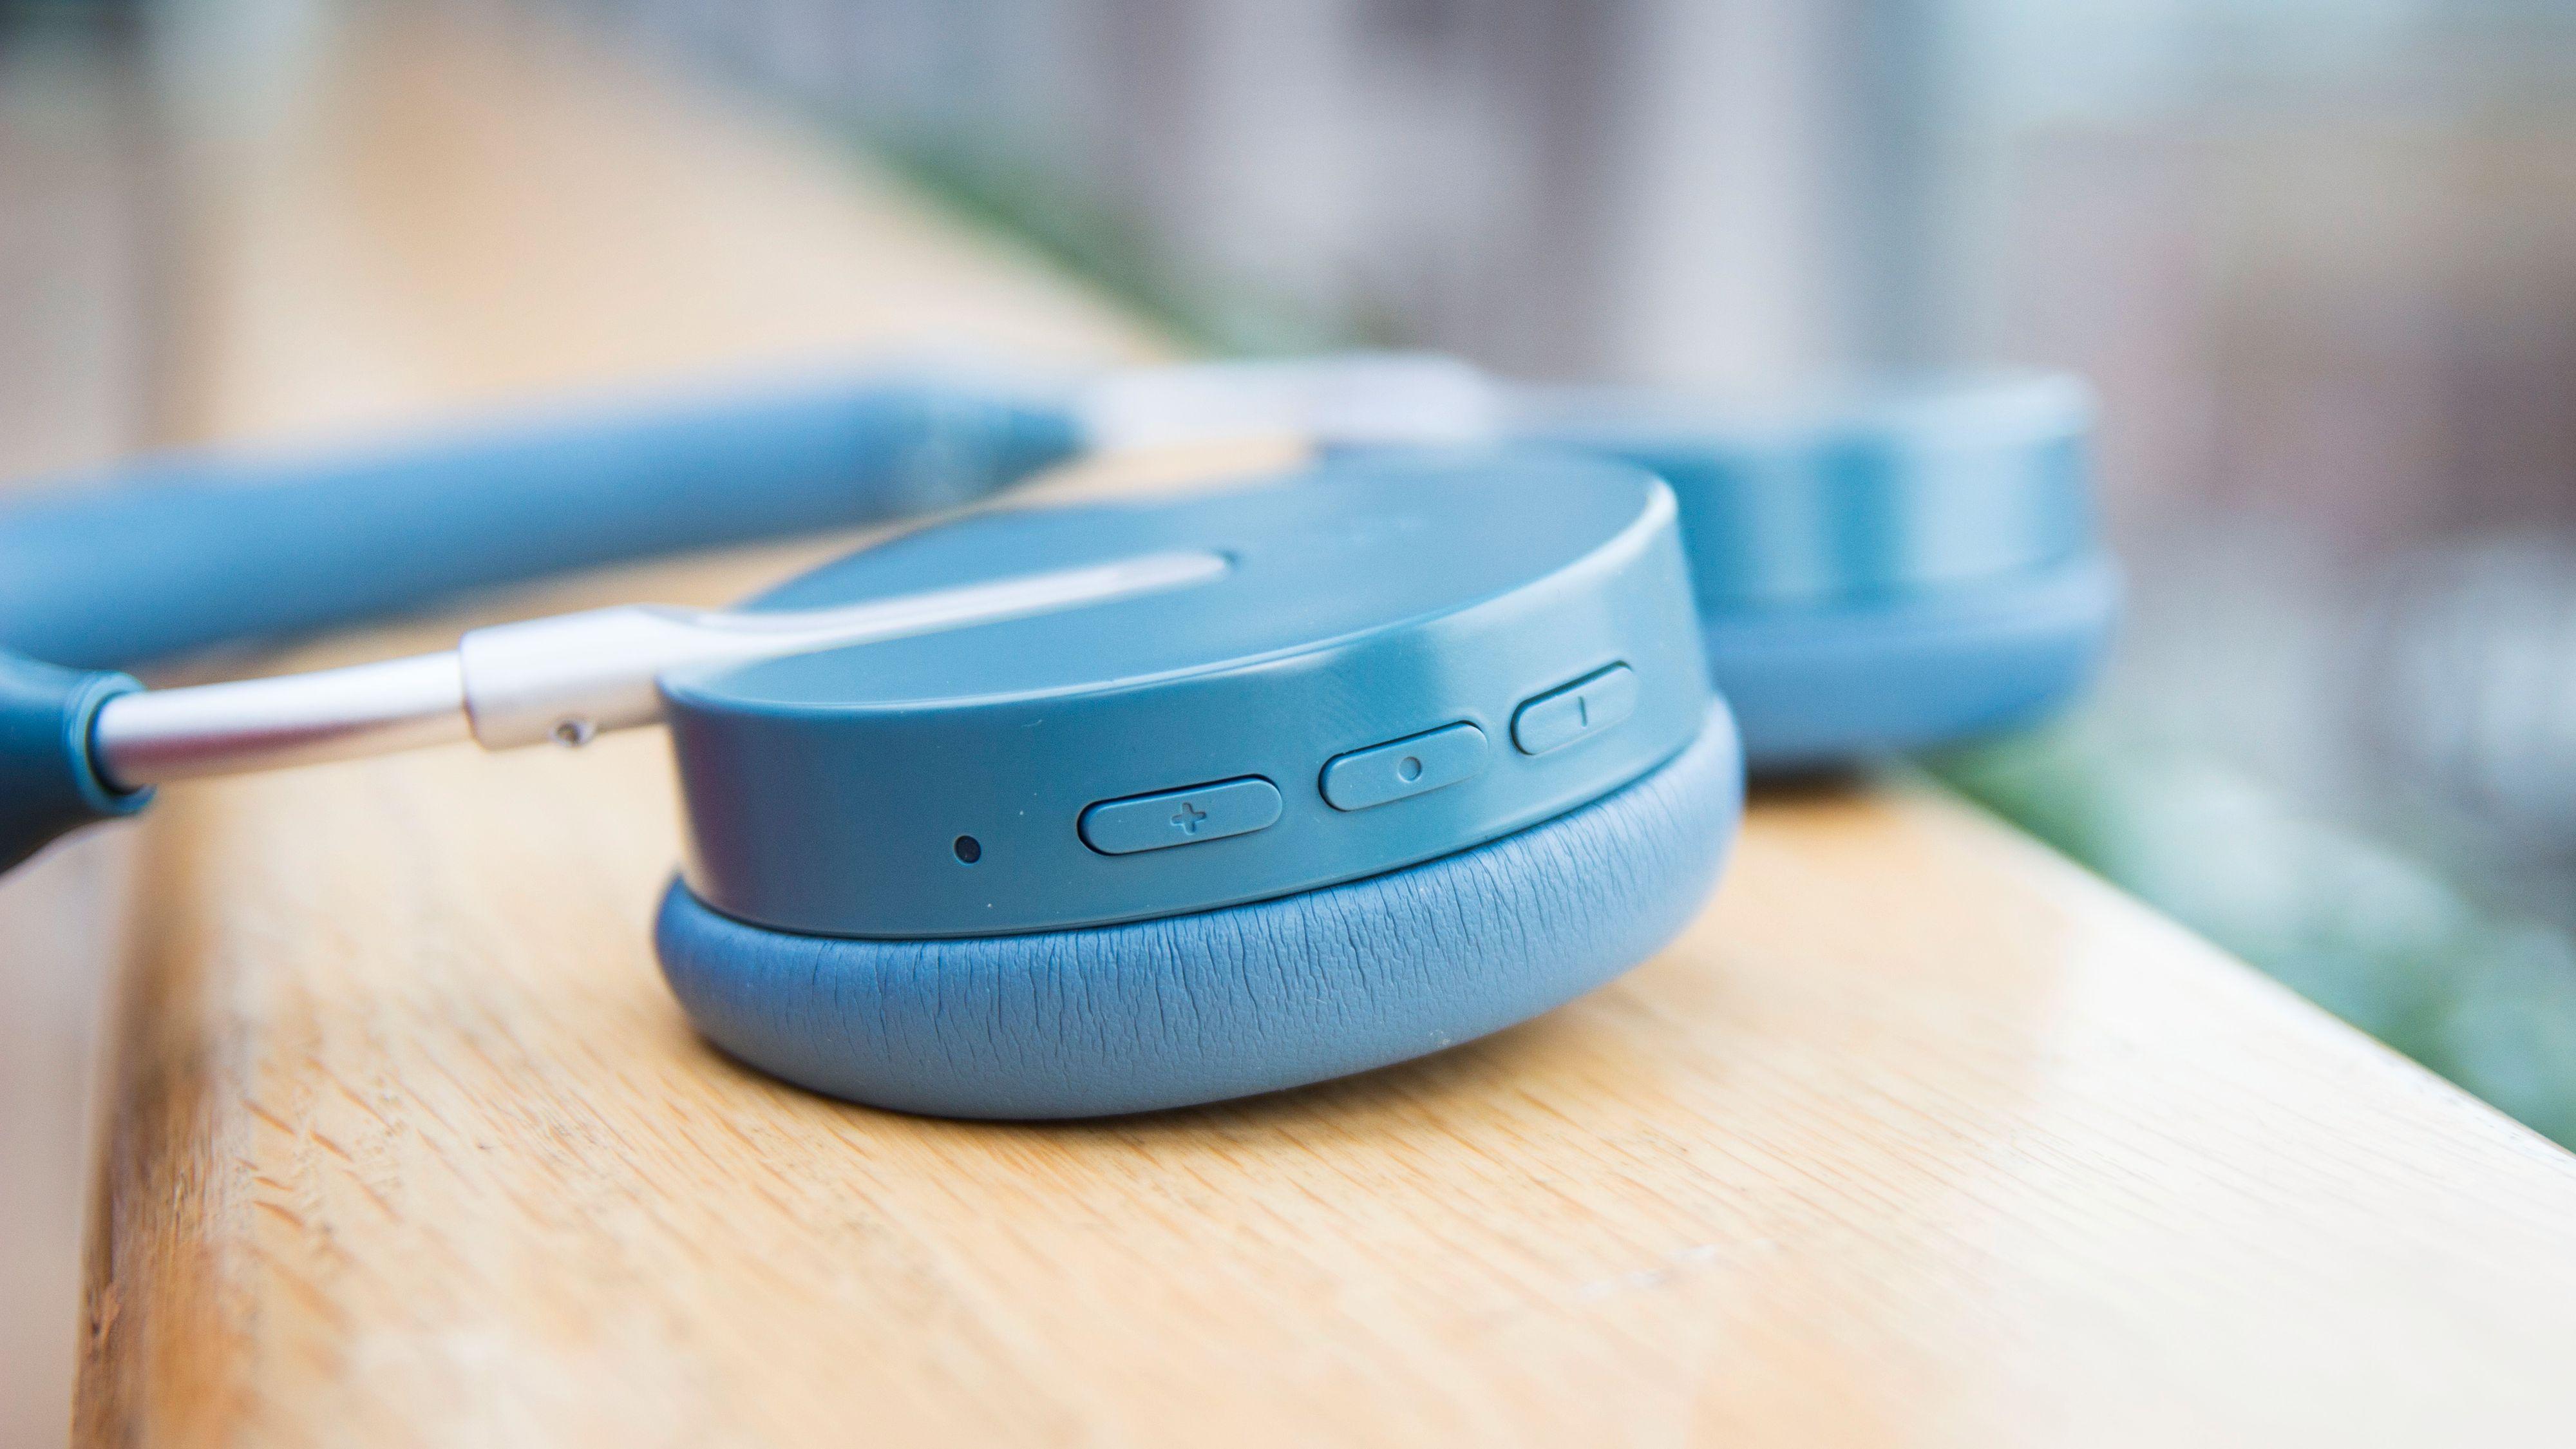 Fysiske kontrollknapper på den høyre øreklokken. Midtknappen fungerer også til å skru hodetelefonene av og på og sette i gang paringsprosessen.